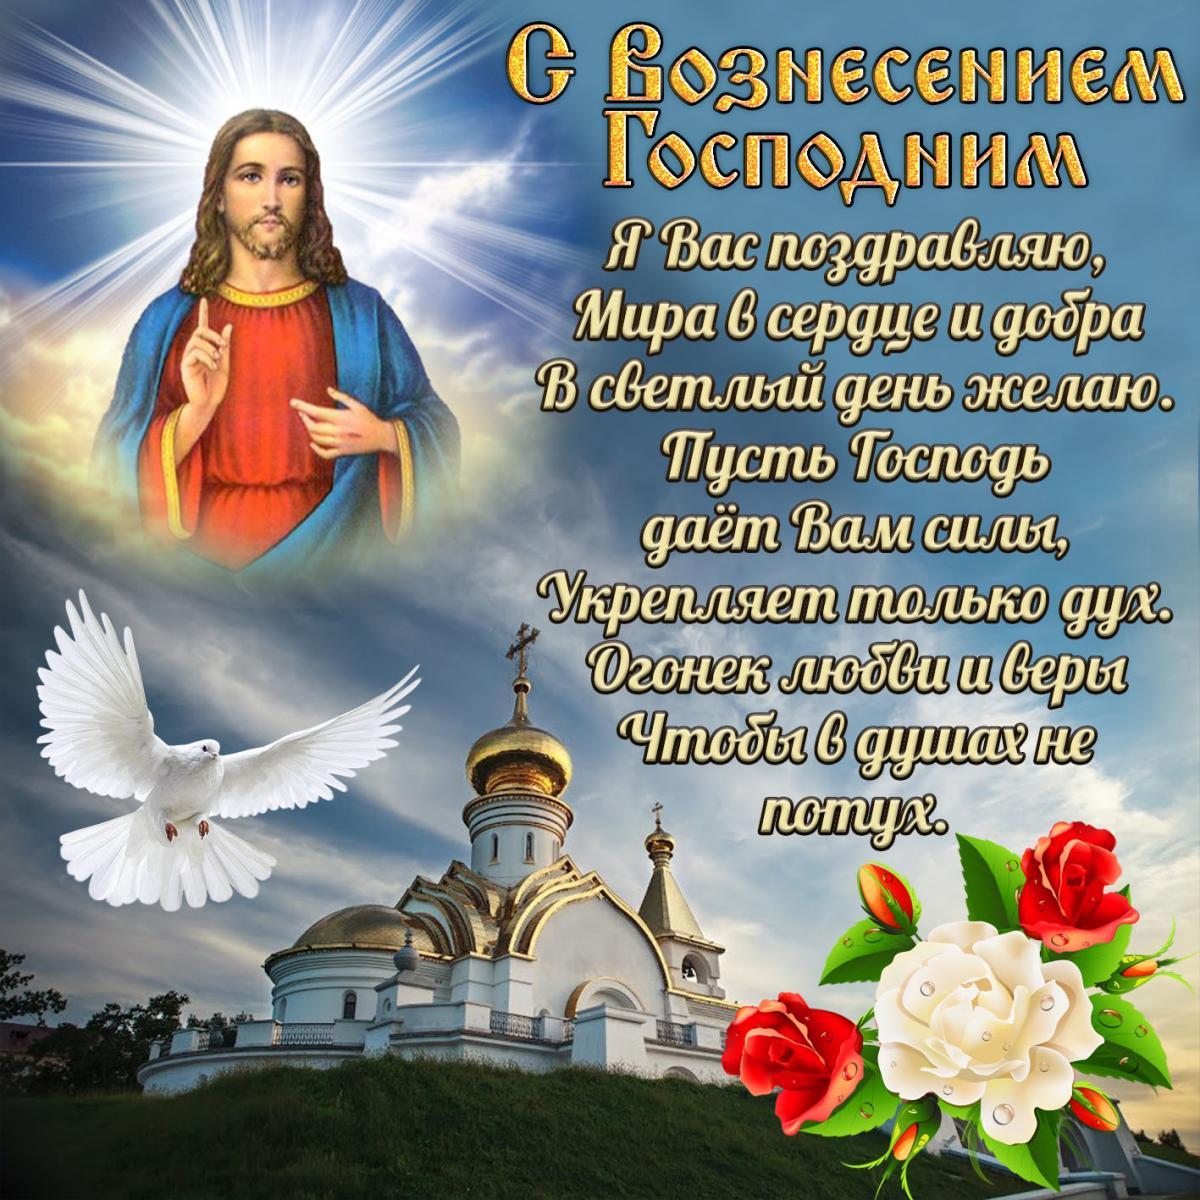 Поздравление с Вознесением Господним